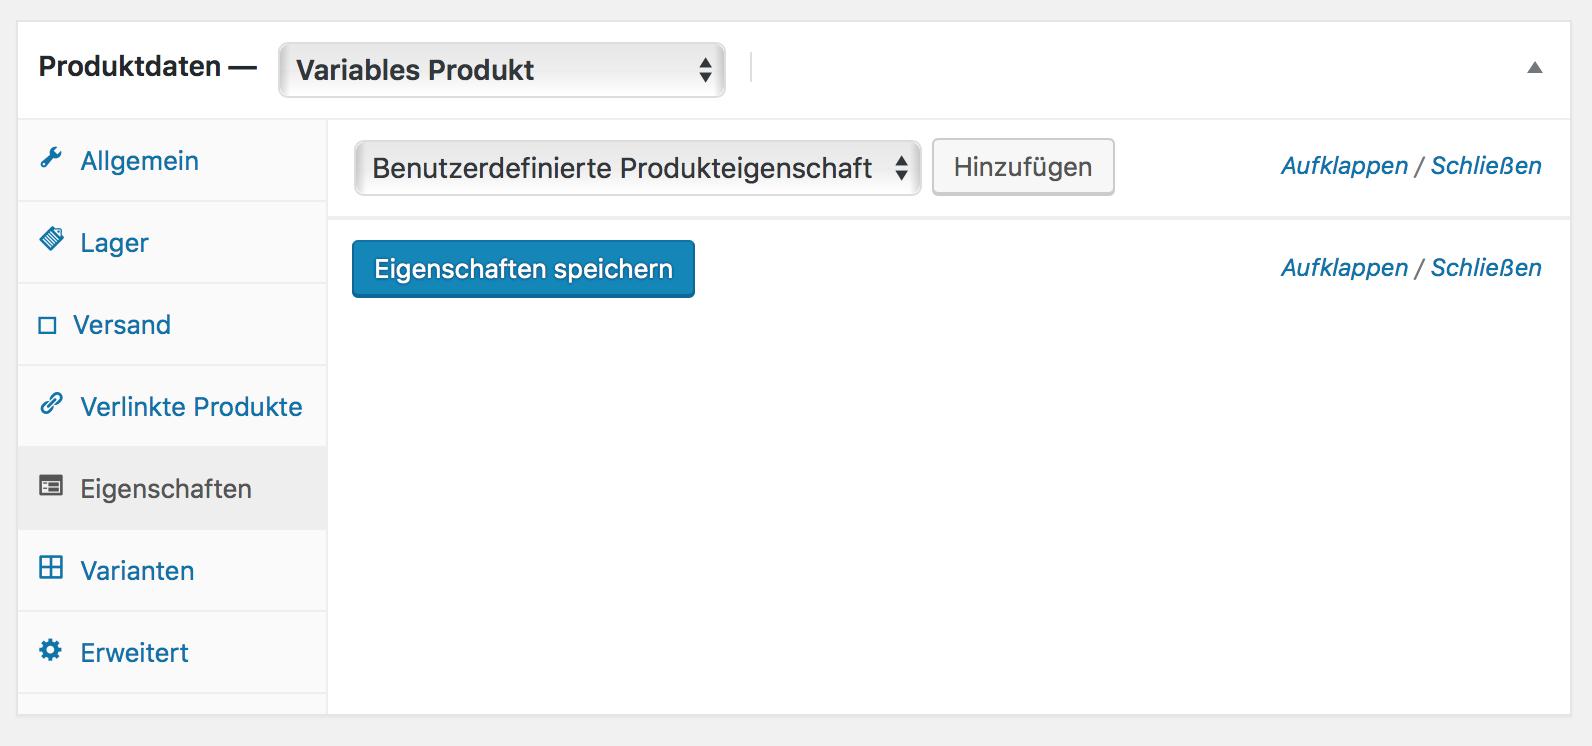 Variables Produkt konfigurieren und Produkteigenschaften anlegen